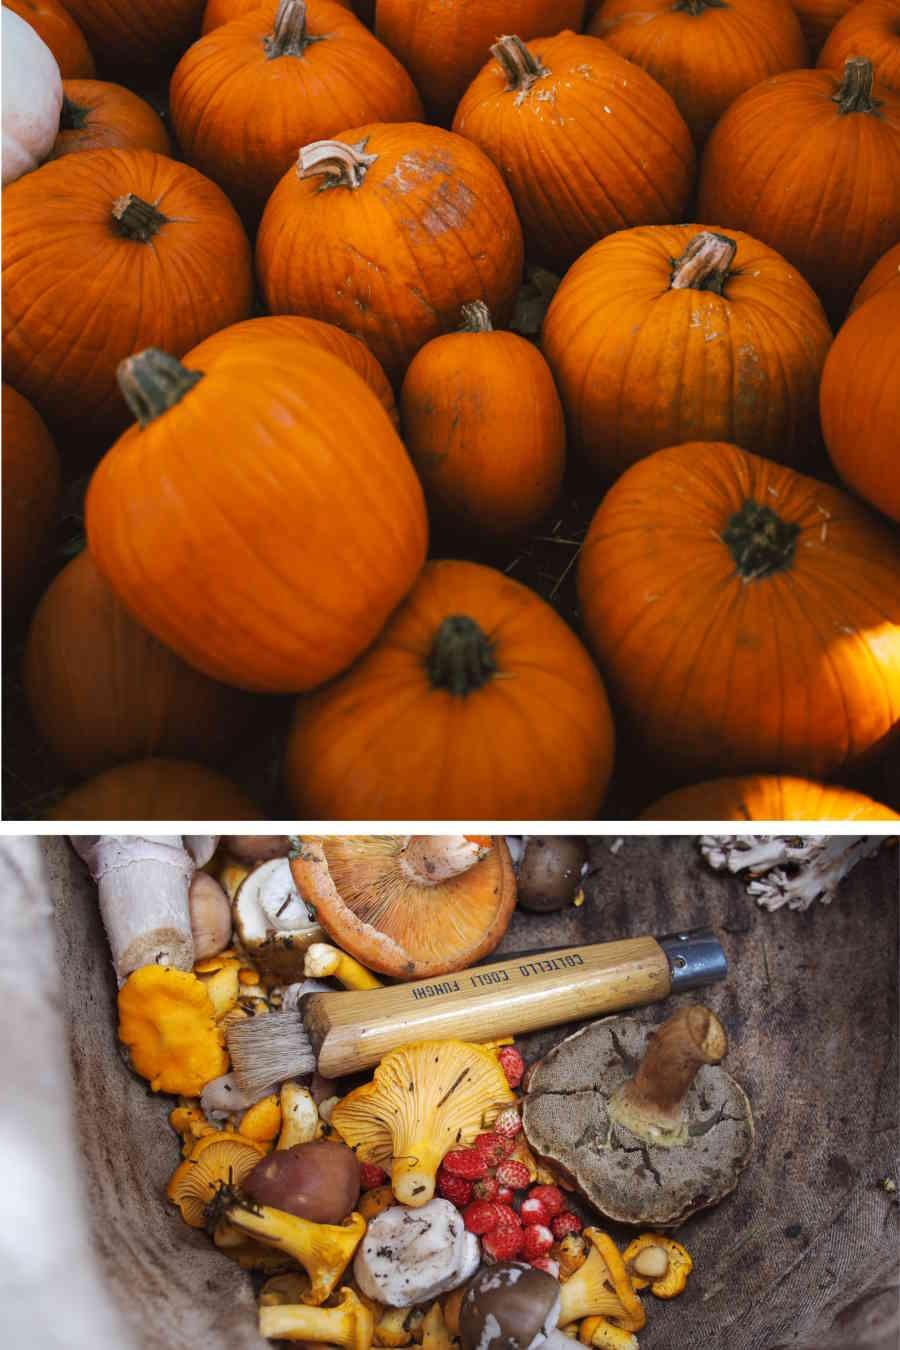 L'échoppe Végétale - Inspirations pour un automne pas monotone | les légumes d'automne comme les courges potimarron et champignons sont de saison